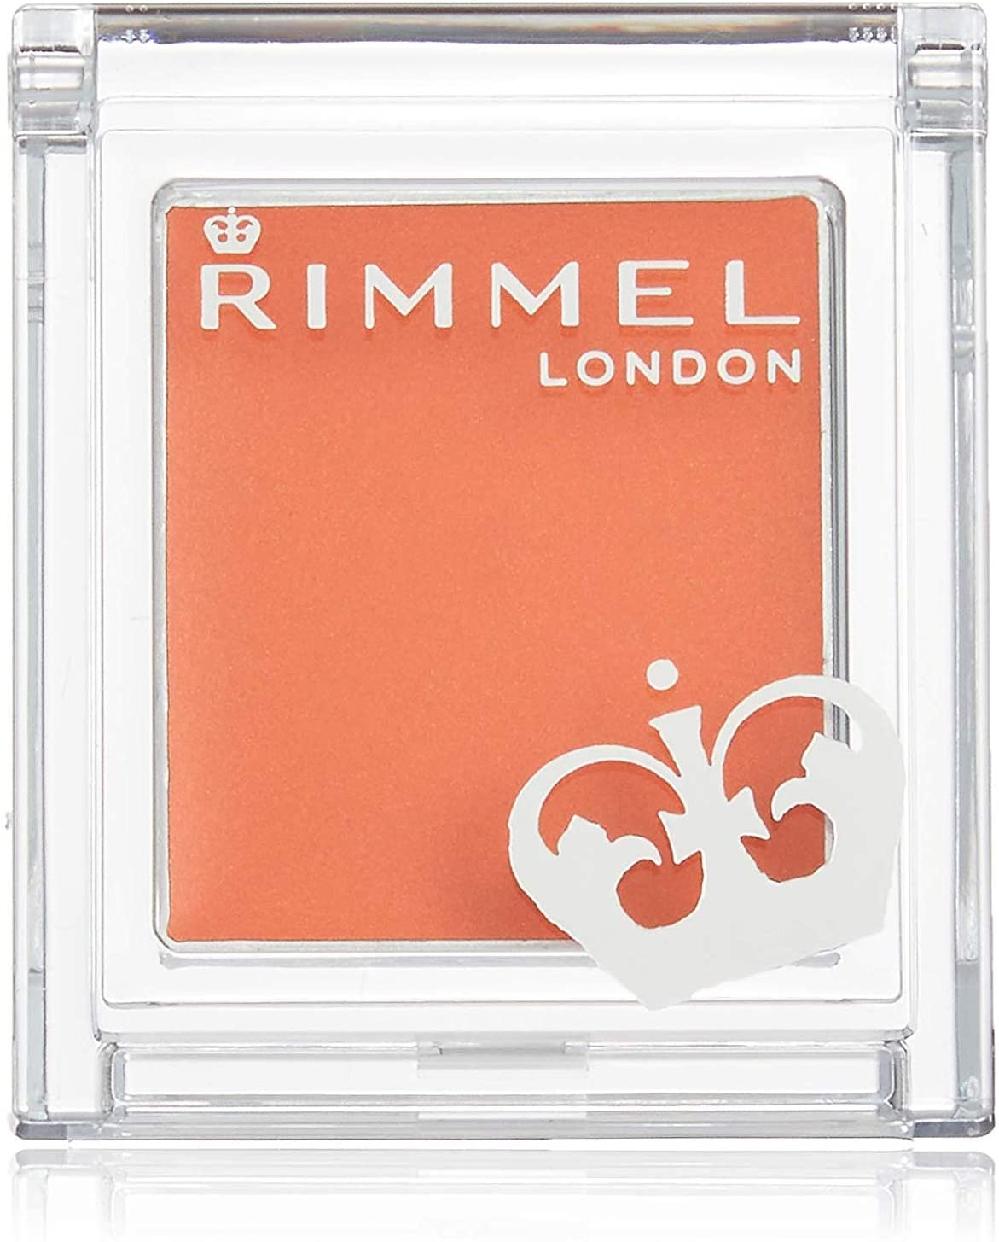 RIMMEL(リンメル)プリズム クリームアイカラーの商品画像